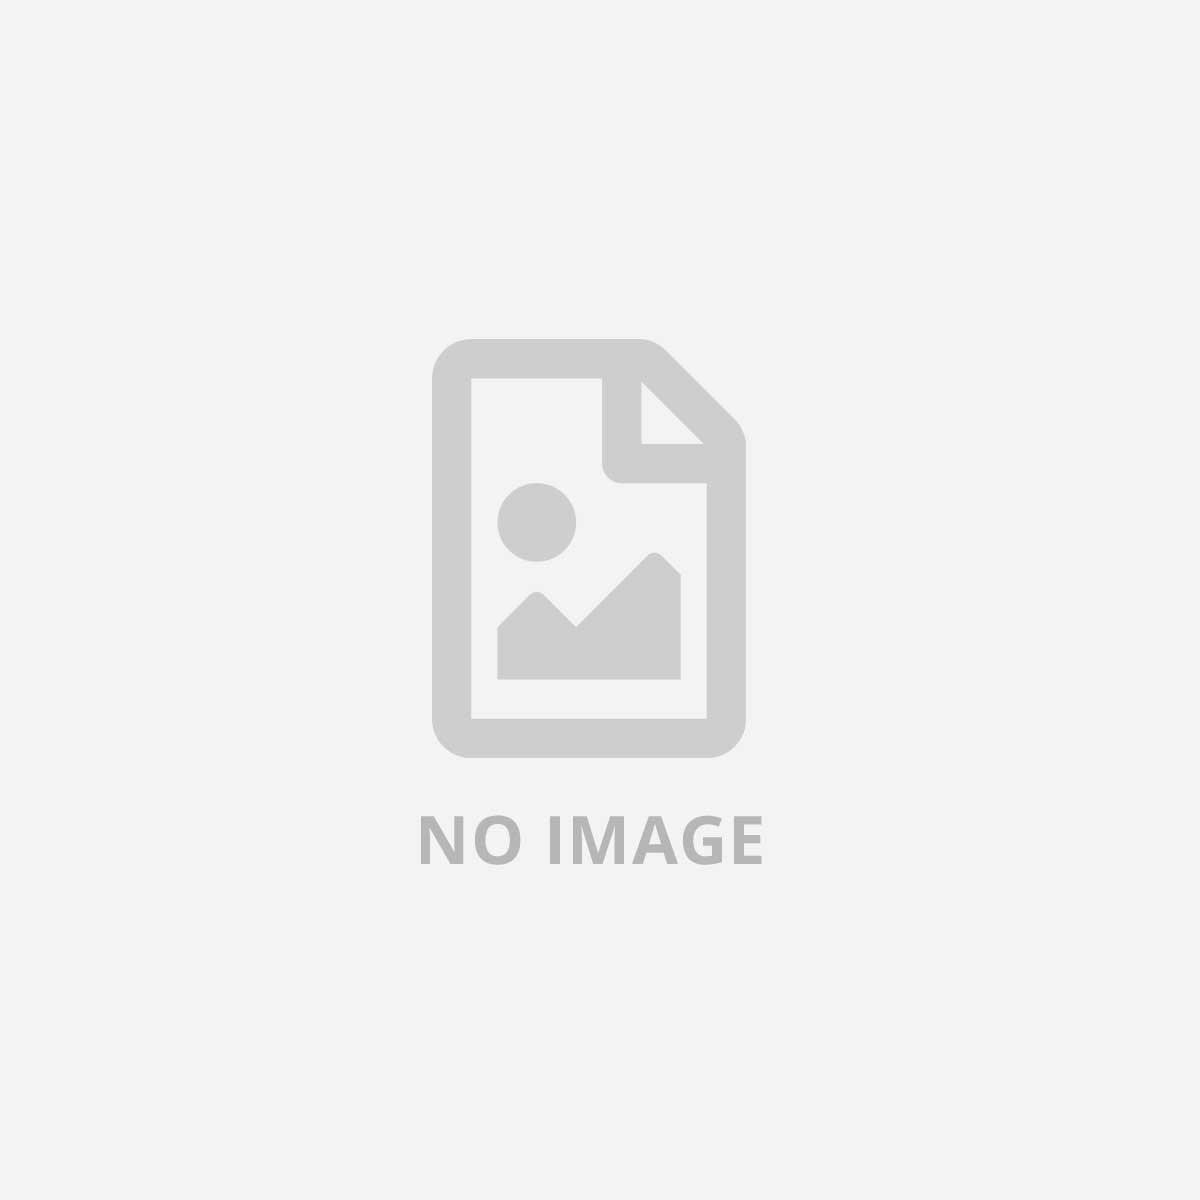 KOCH MEDIA THE C64